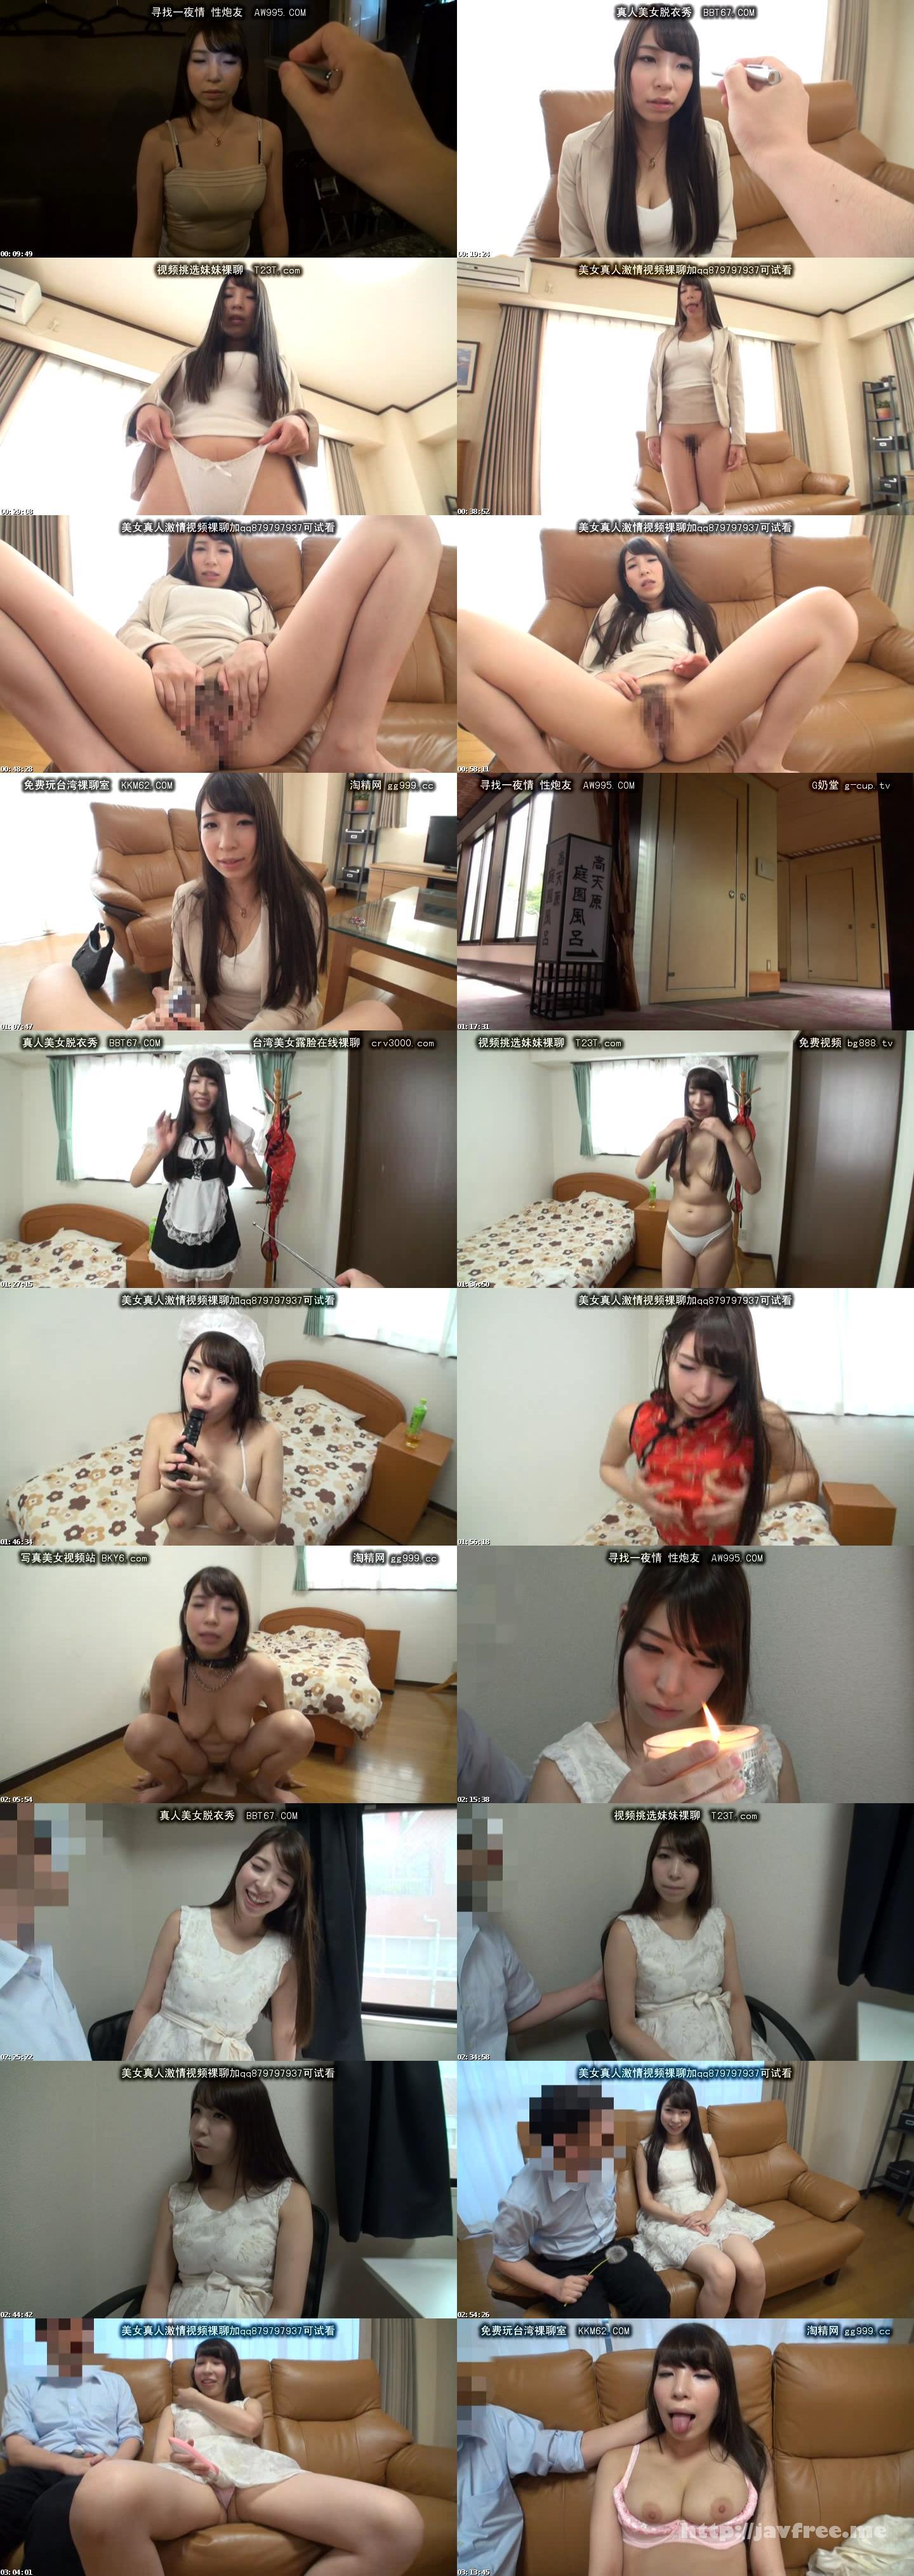 [ANX 067] 洗脳彼女 美桜 22才  香山美桜 ANX